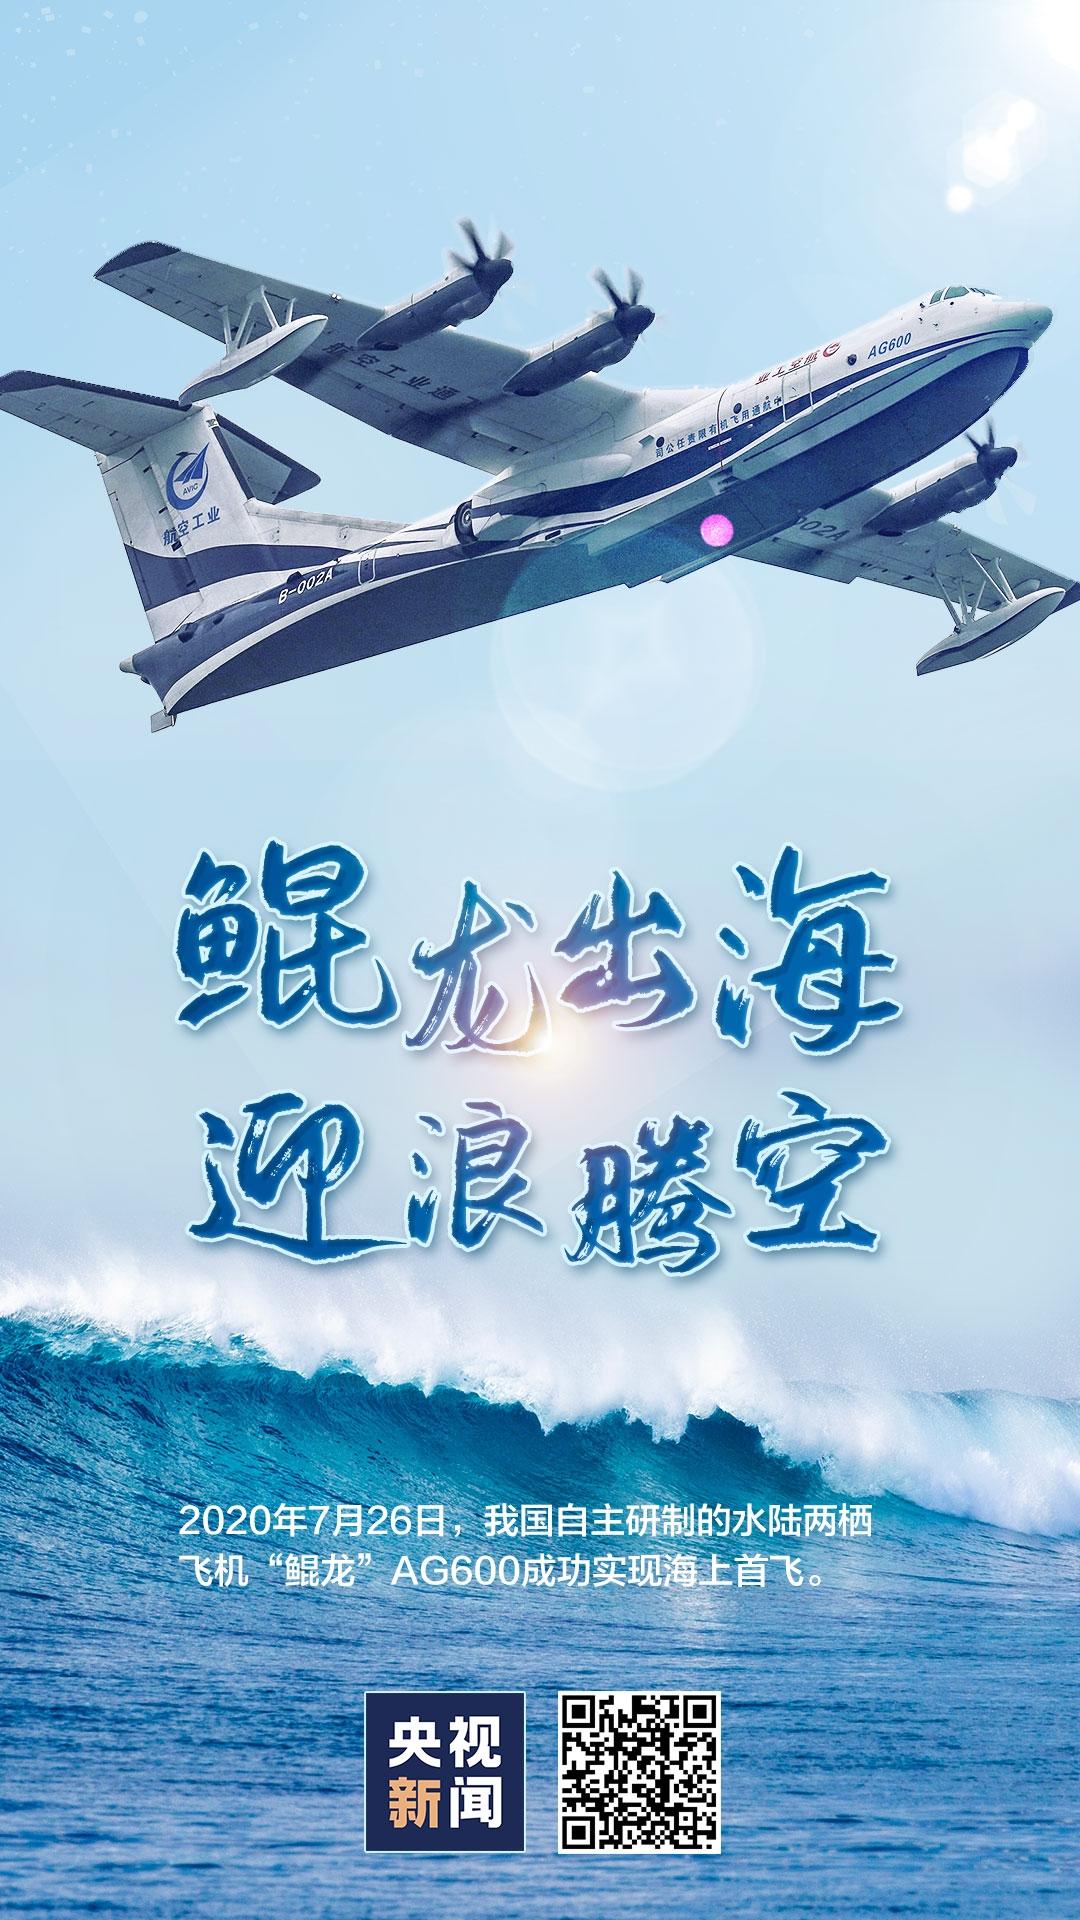 """国产大型水陆两栖飞机""""鲲龙""""AG600海上首飞成功"""